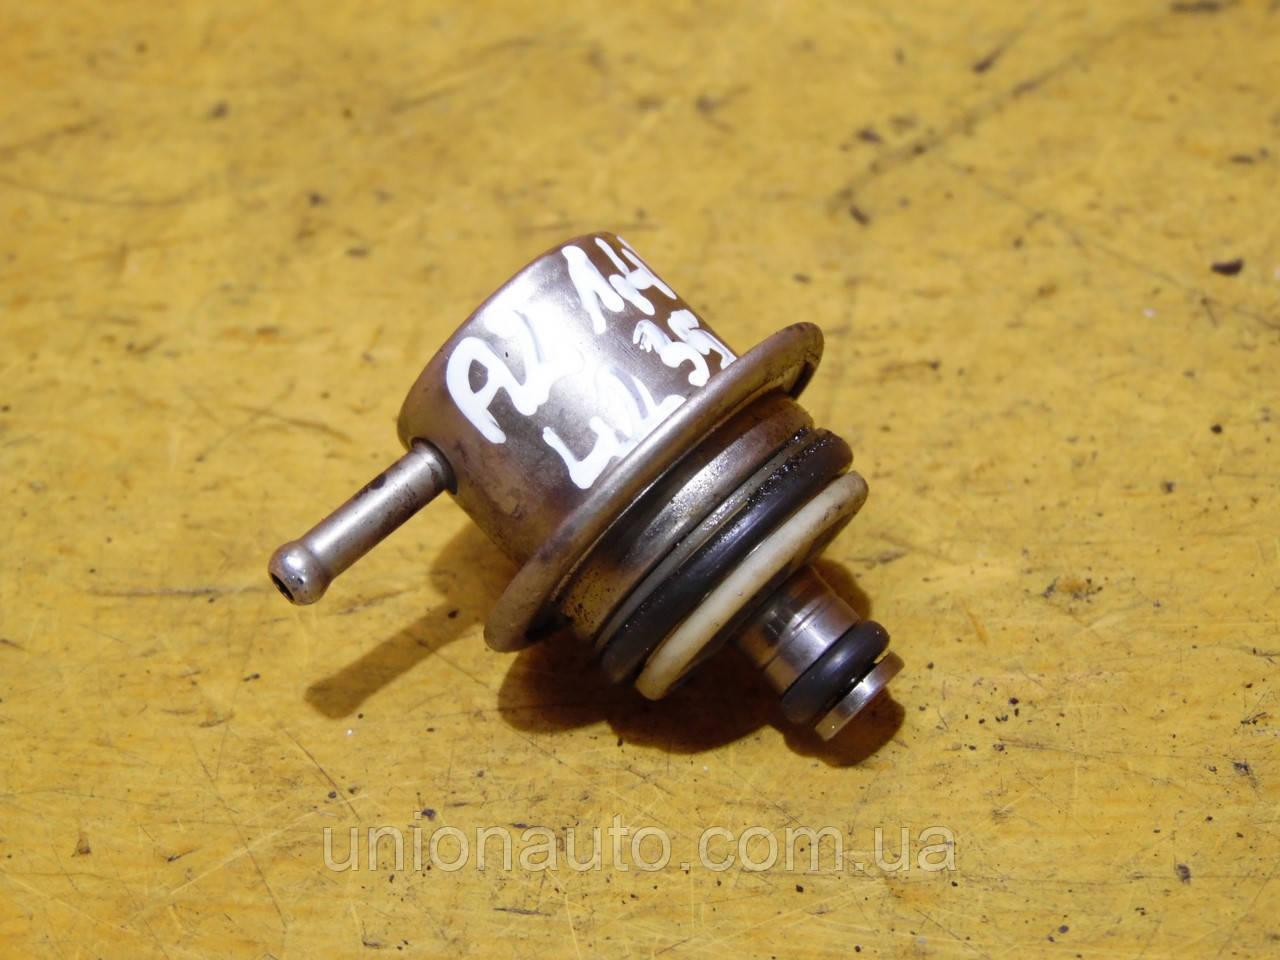 Регулятор, клапан давления подачи топлива AUDI A2 1.4 B 036133035A